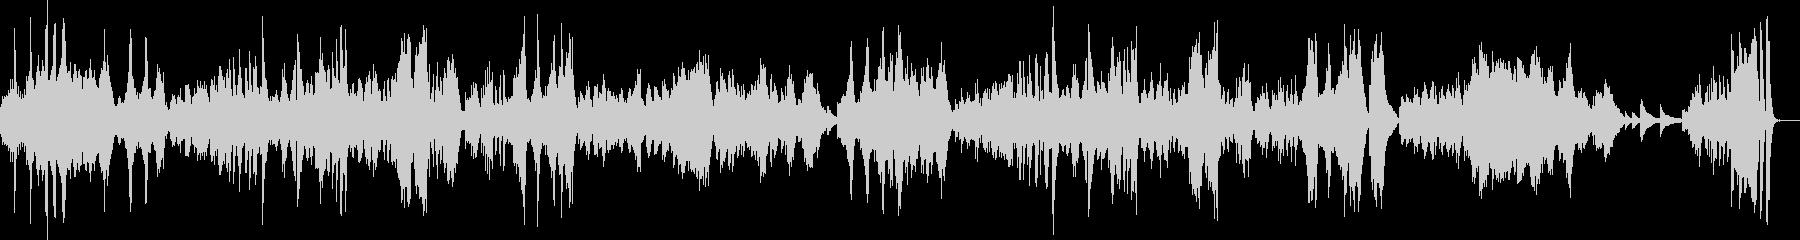 ベートーヴェンの月光#3の未再生の波形